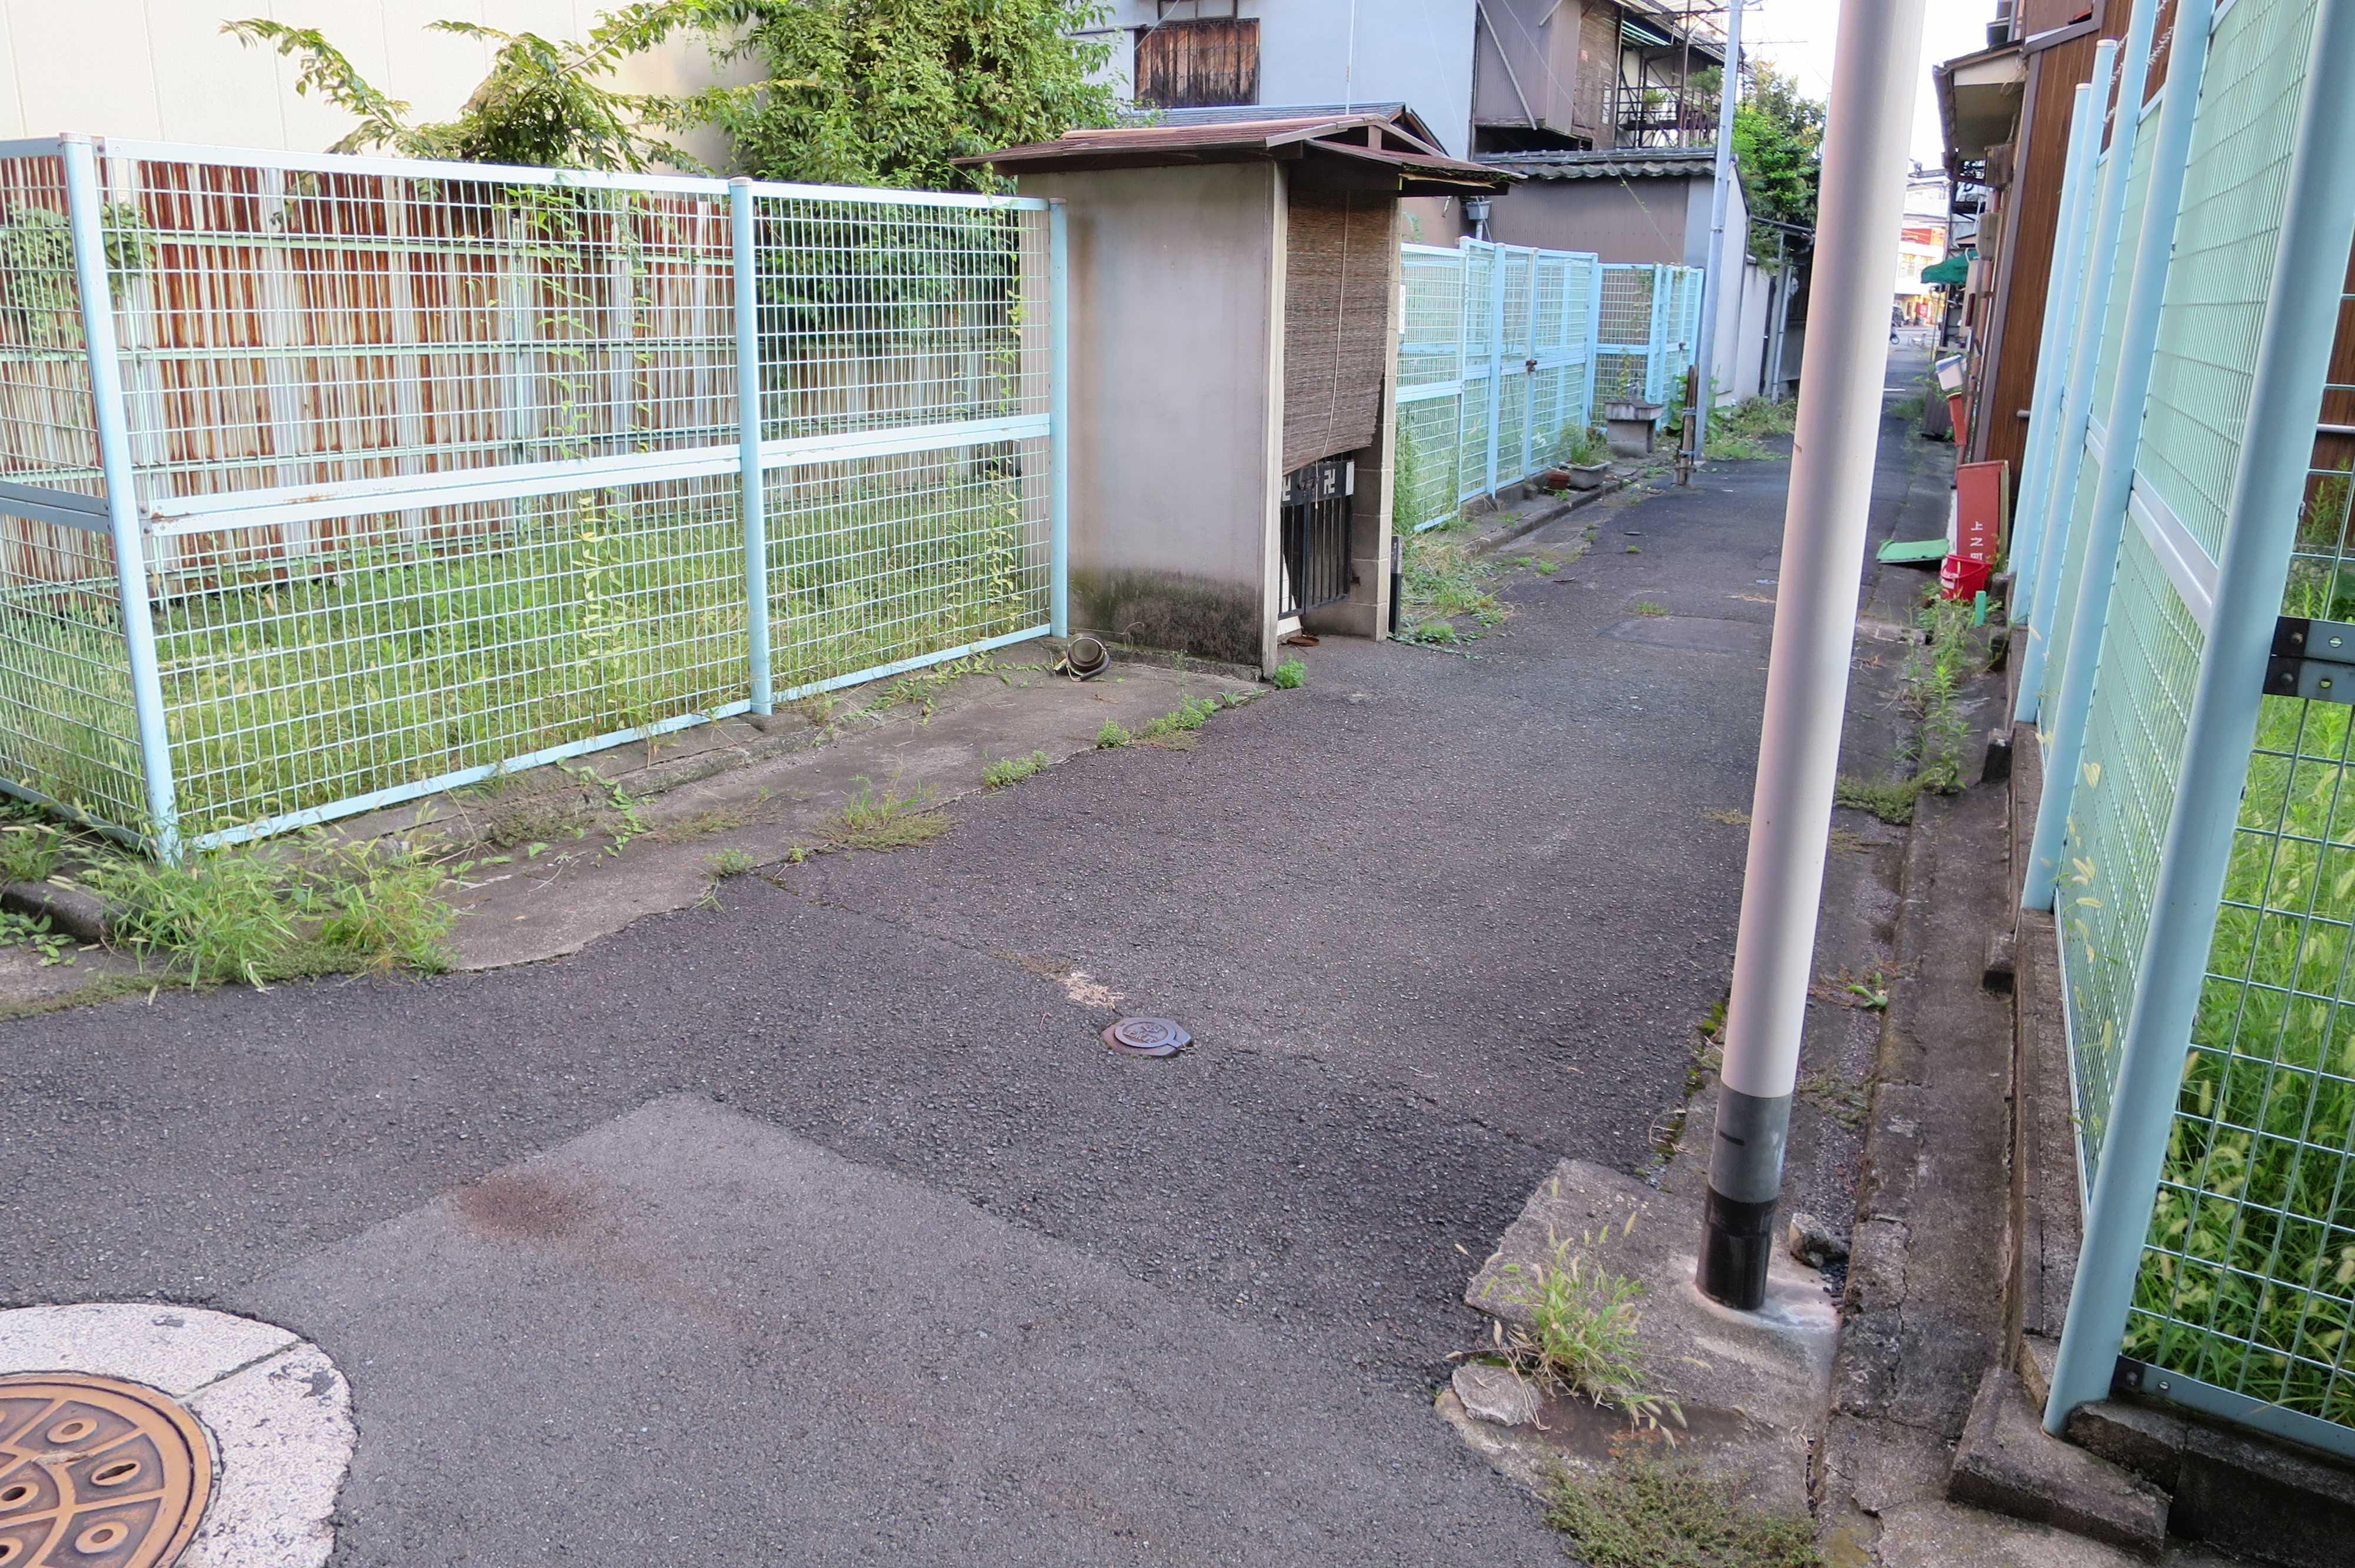 京都・崇仁地区 - ネットフェンスの金網とお地蔵さんの祠(ほこら)